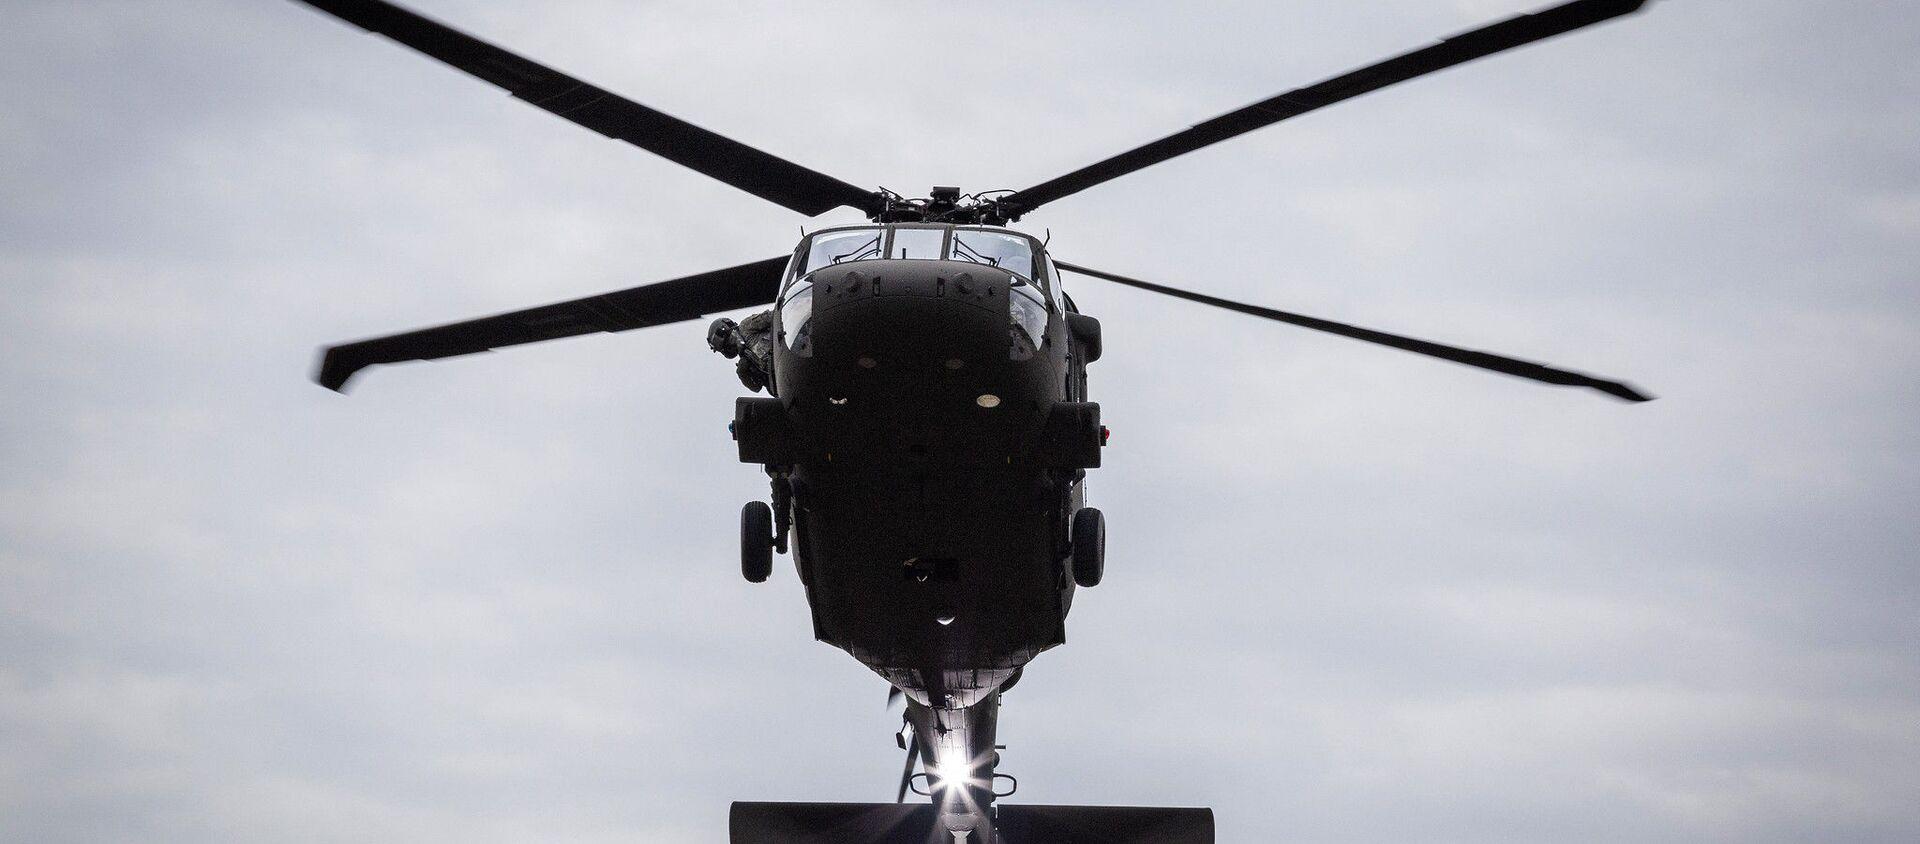 Amerykański śmigłowiec UH-60M Black Hawk - Sputnik Polska, 1920, 02.08.2019